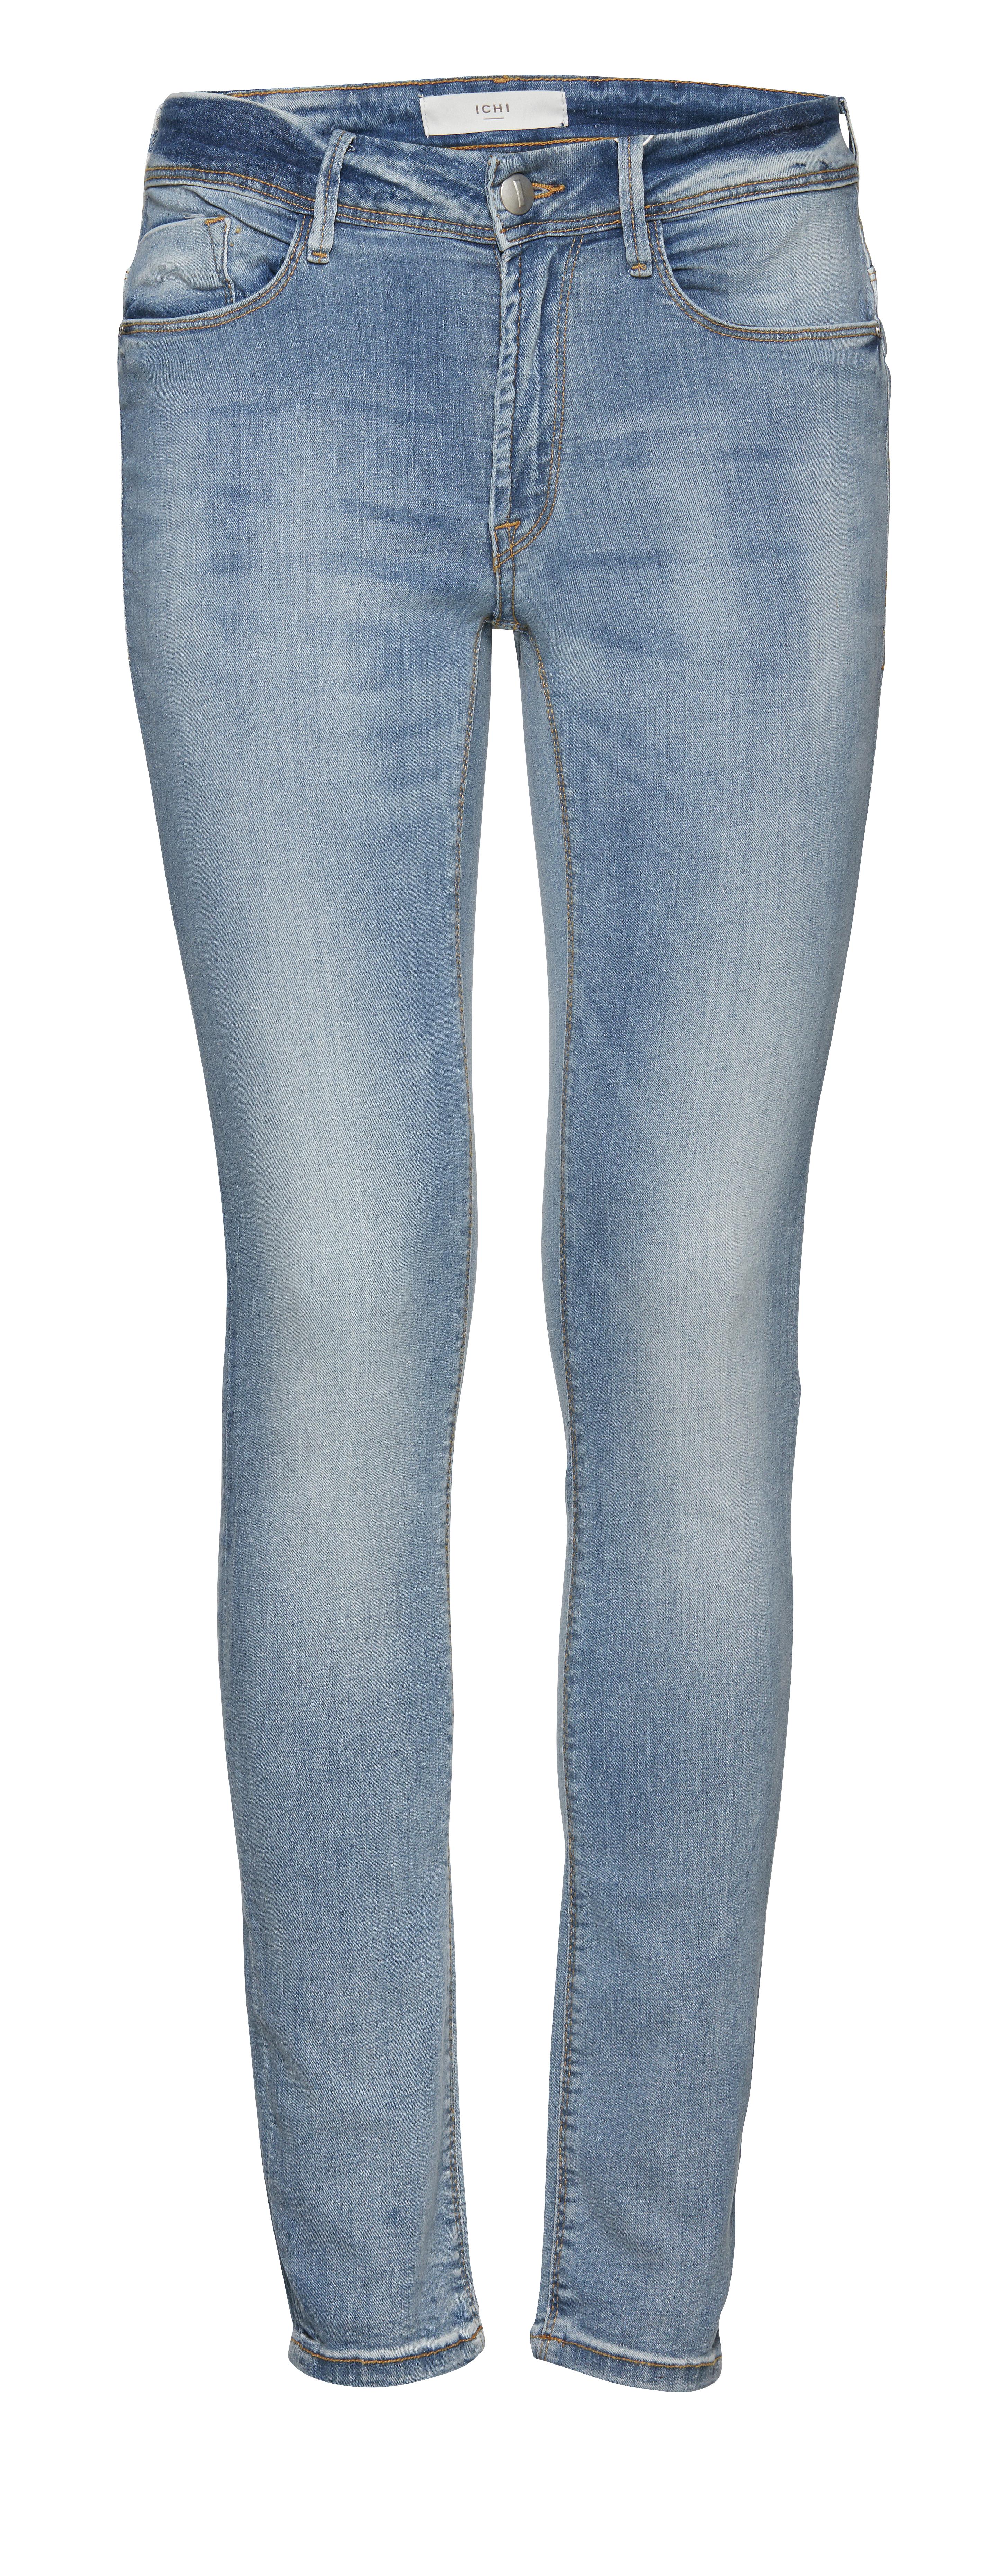 Bleached light blue Jeans – Køb Bleached light blue Jeans fra str. 25-34 her